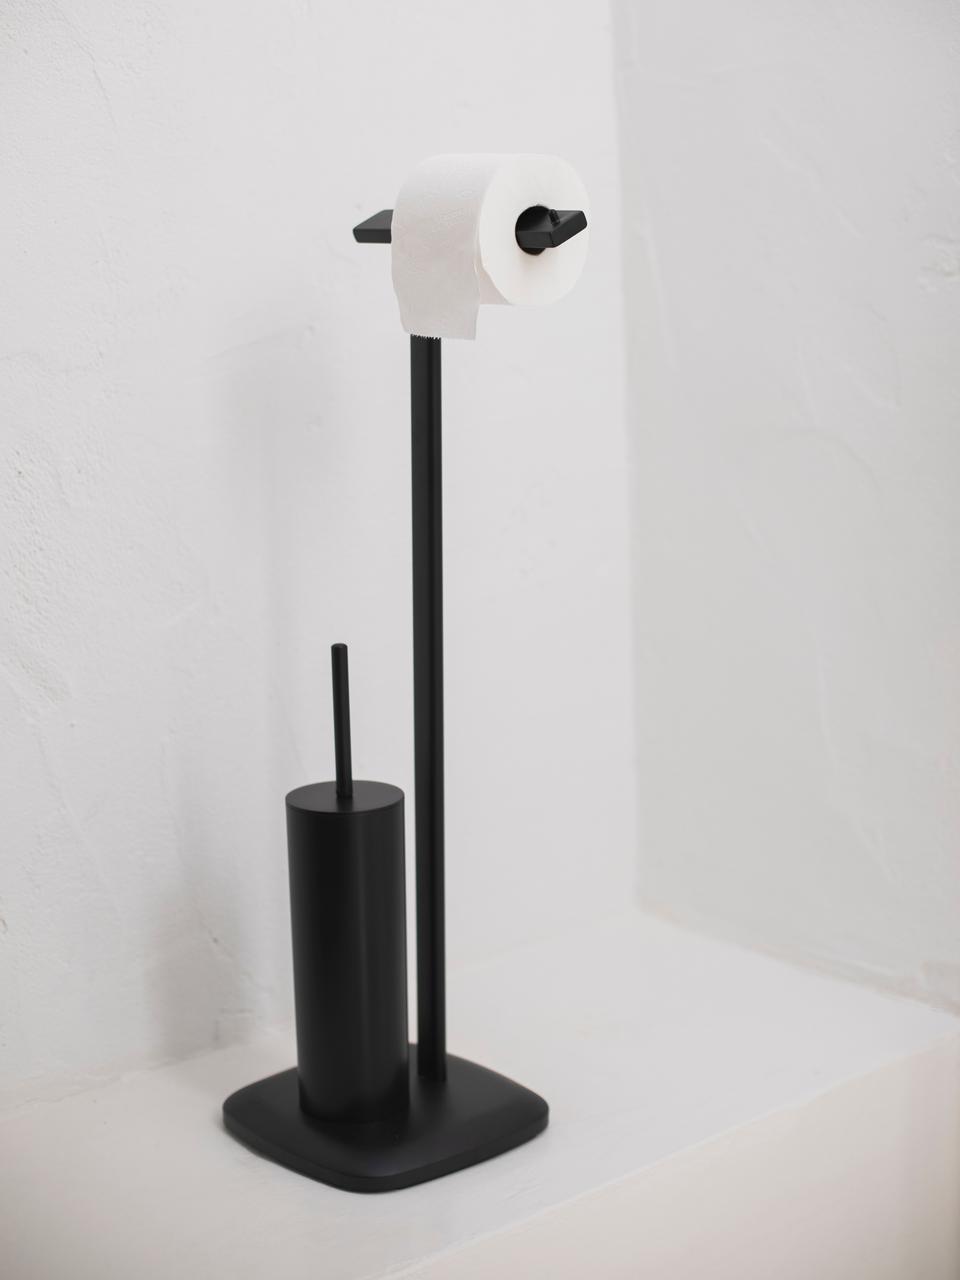 Portarotolo con scopino Deptford, Metallo rivestito, Nero, Larg. 23 x Alt. 73 cm